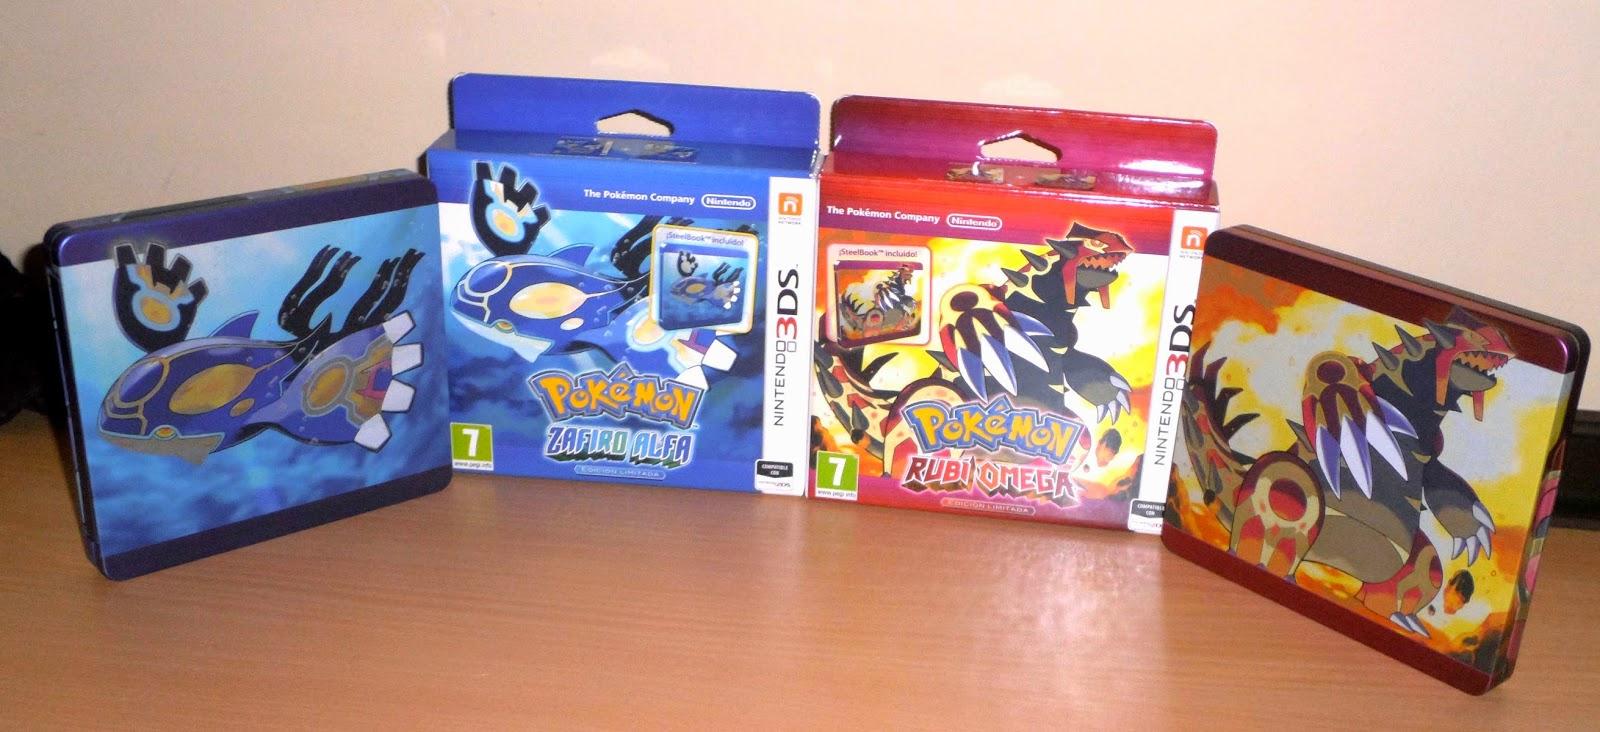 pokemon zafiro alfa rubi omega ediciones coleccionista caja metalica